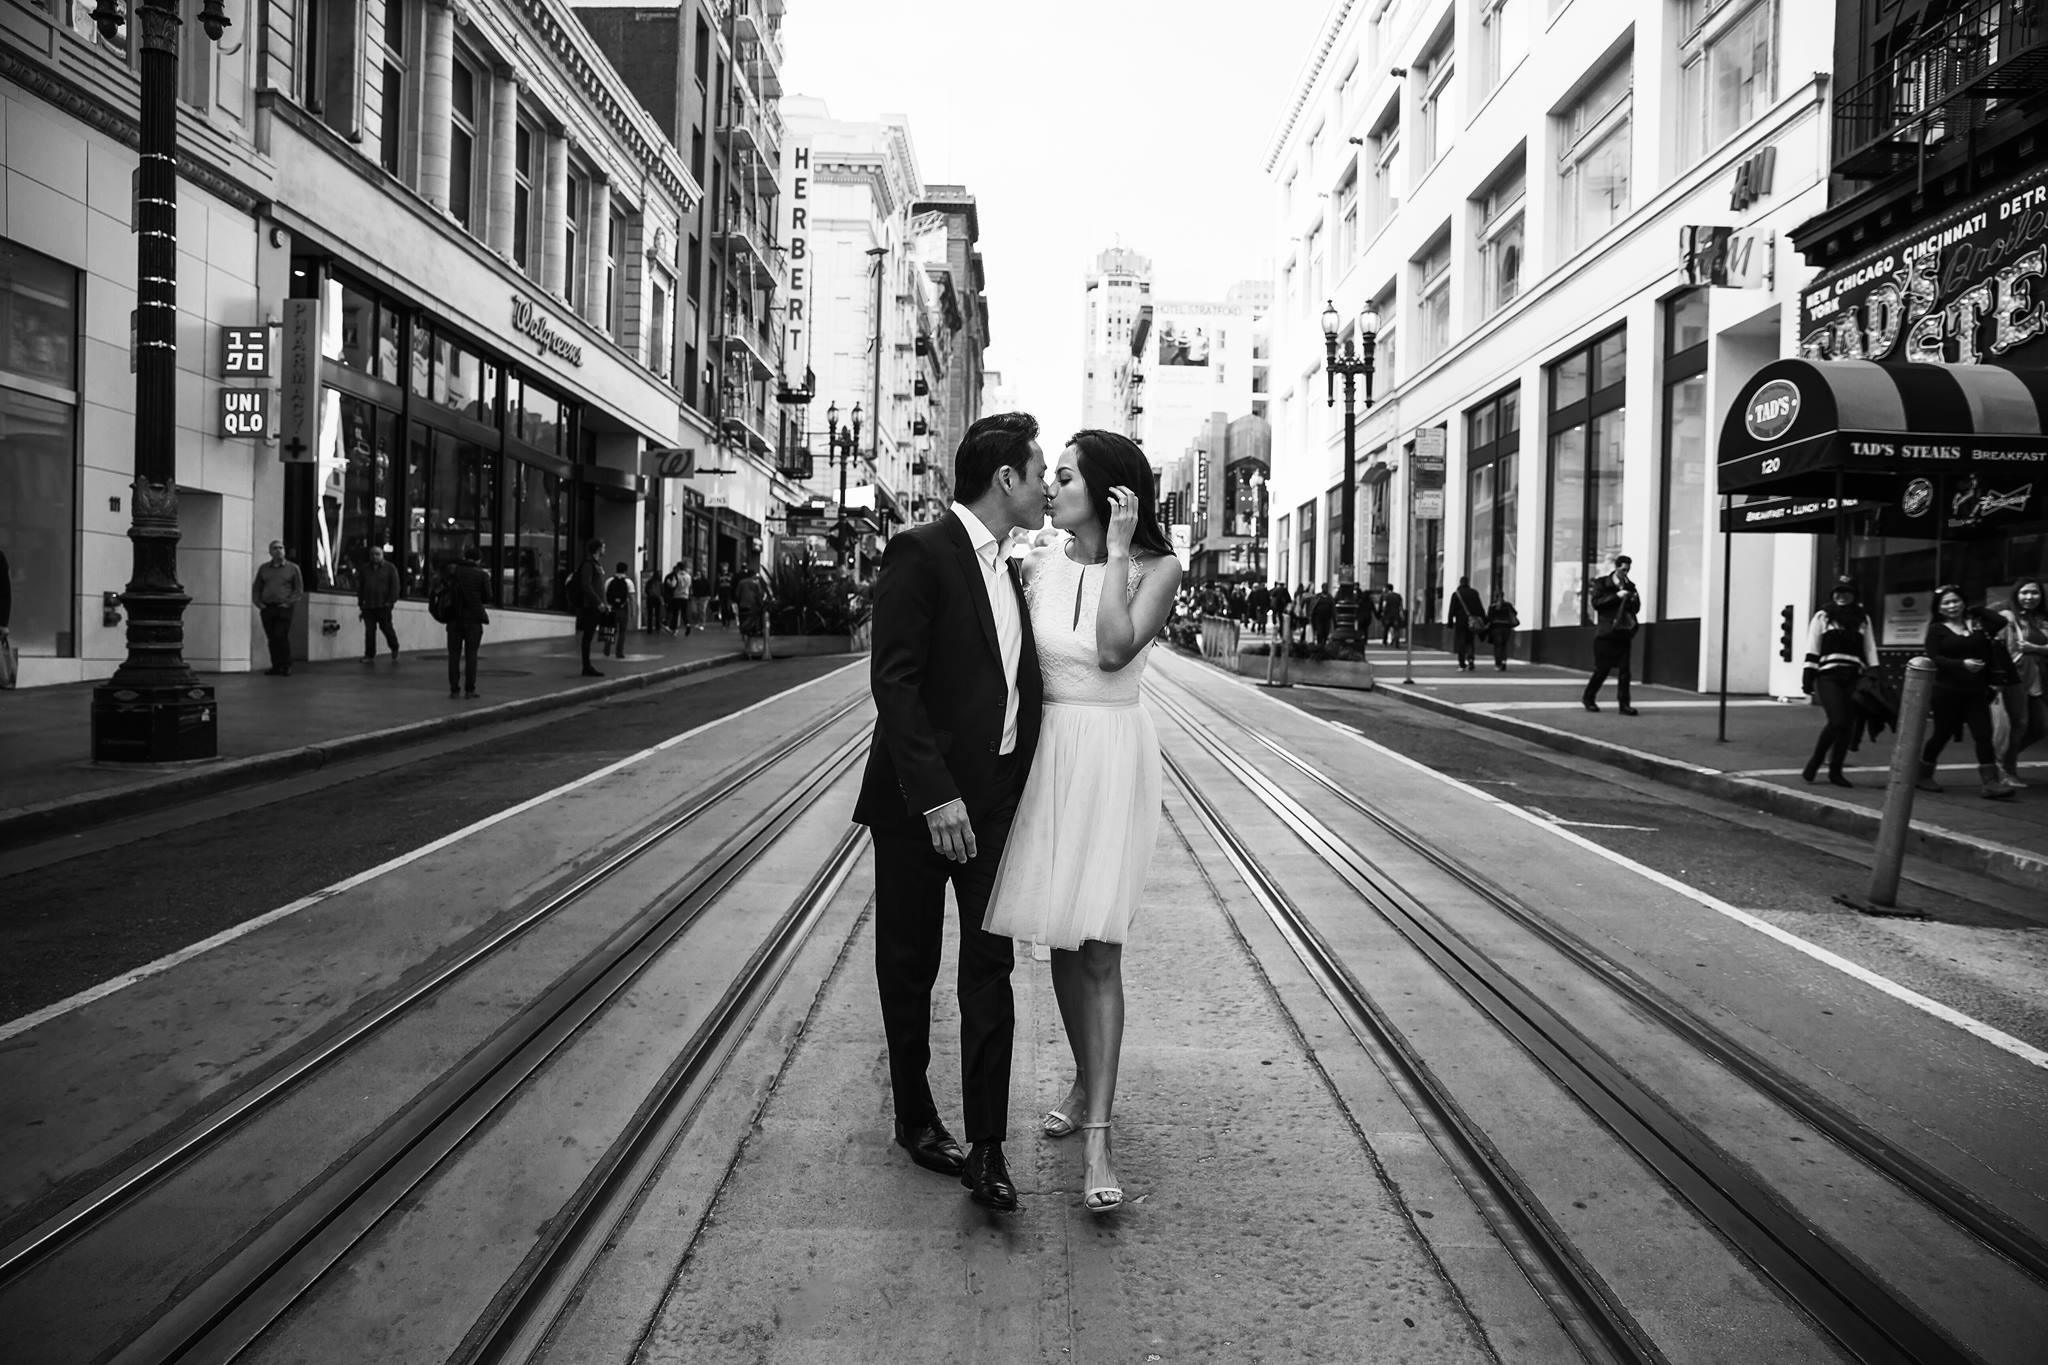 Trong bộ ảnh cưới này, cô dâu và chú rể trao cho nhau nhiều nụ hôn đắm đuối. Cả hai trông rất xứng đôi vừa lứa.